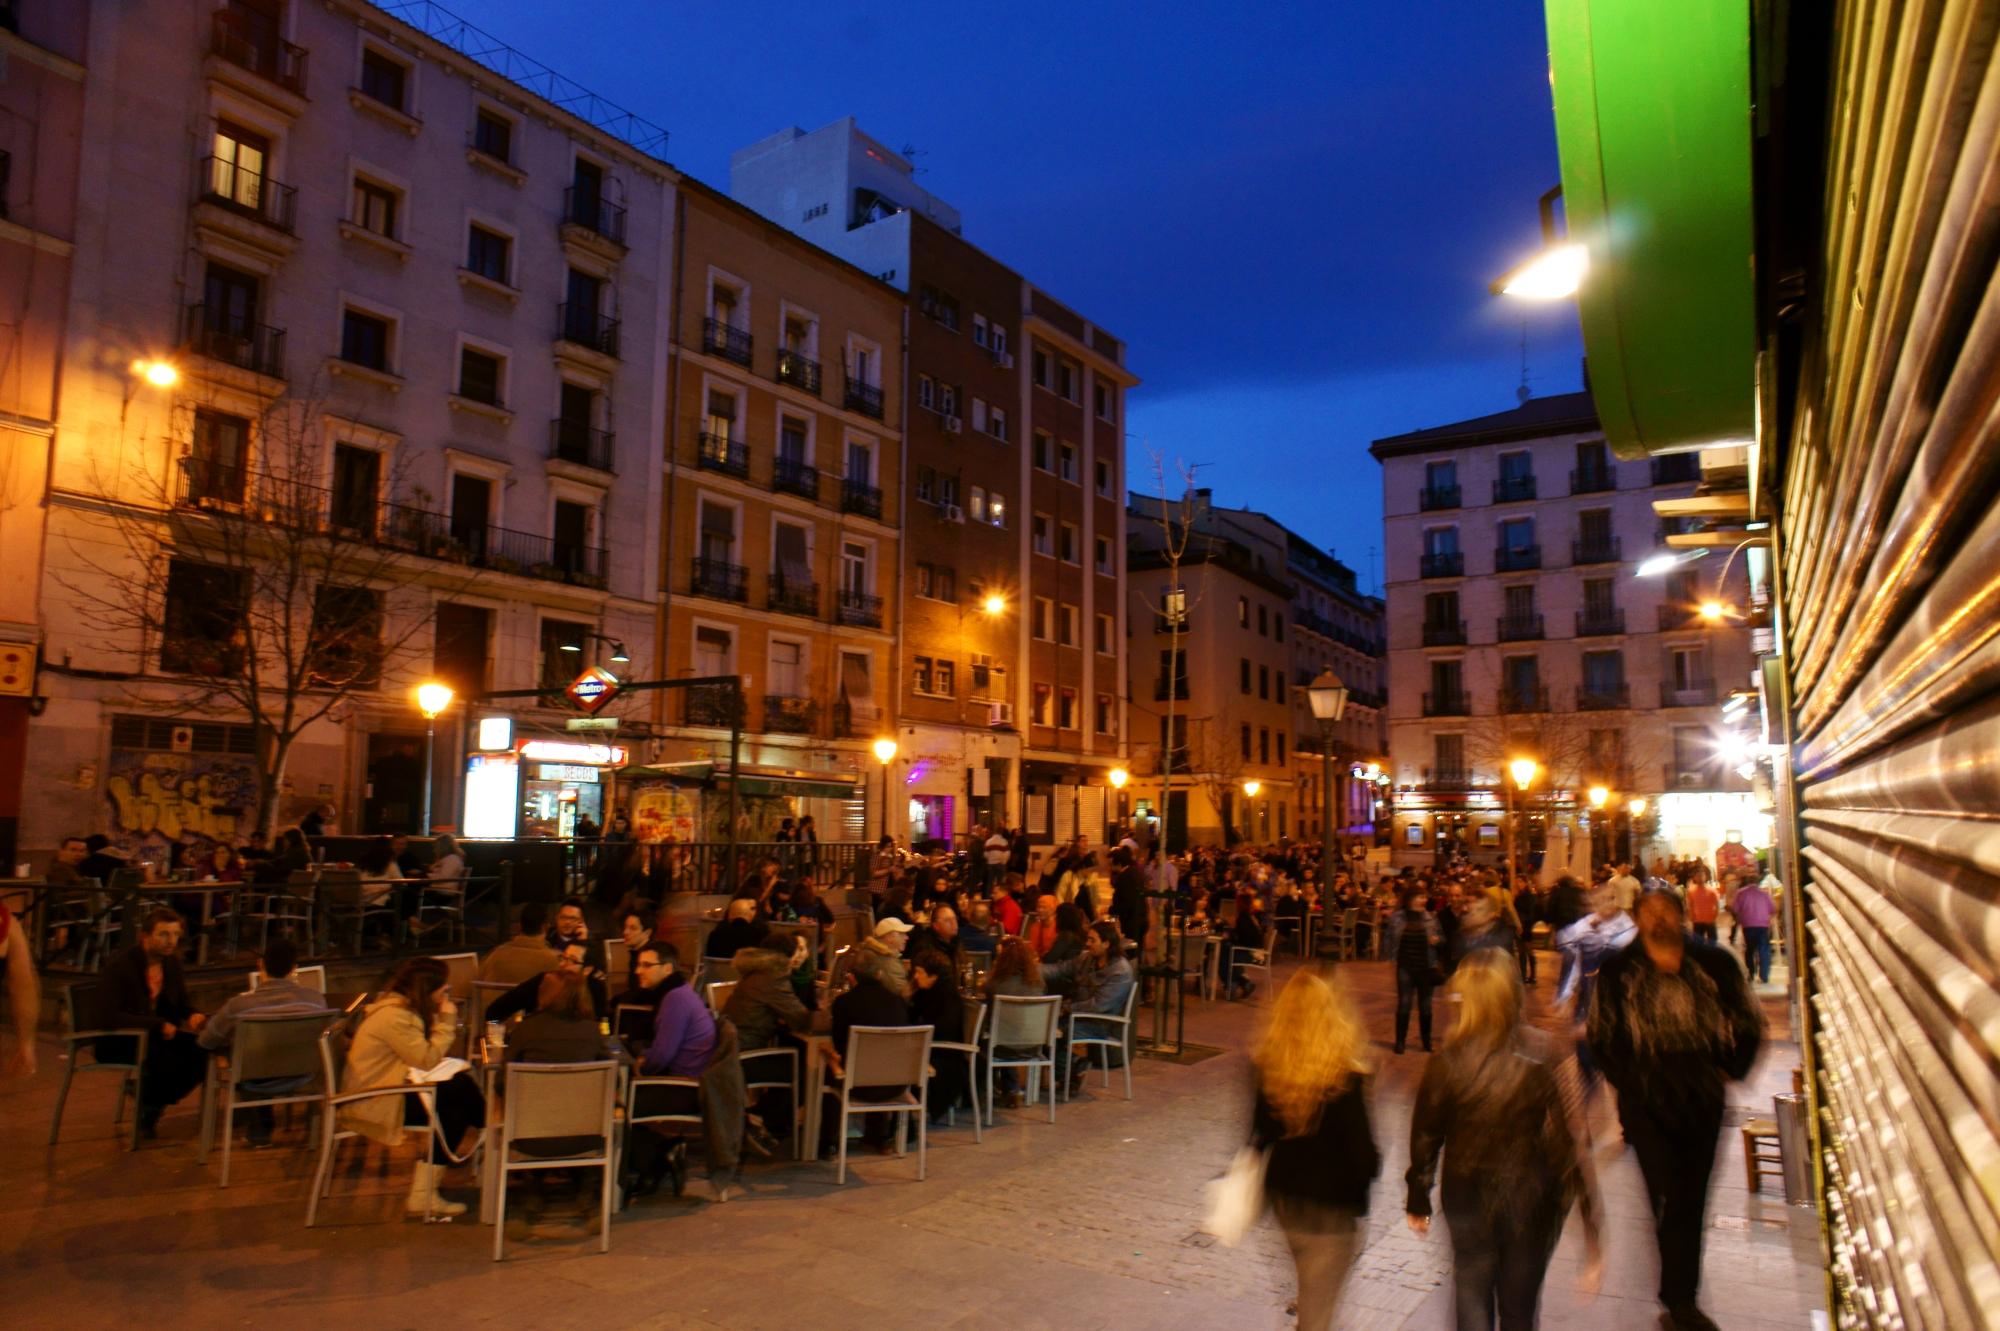 Crédito foto: http://bonavida.cat/2011/03/05/ruta-gastronomica-per-madrid/